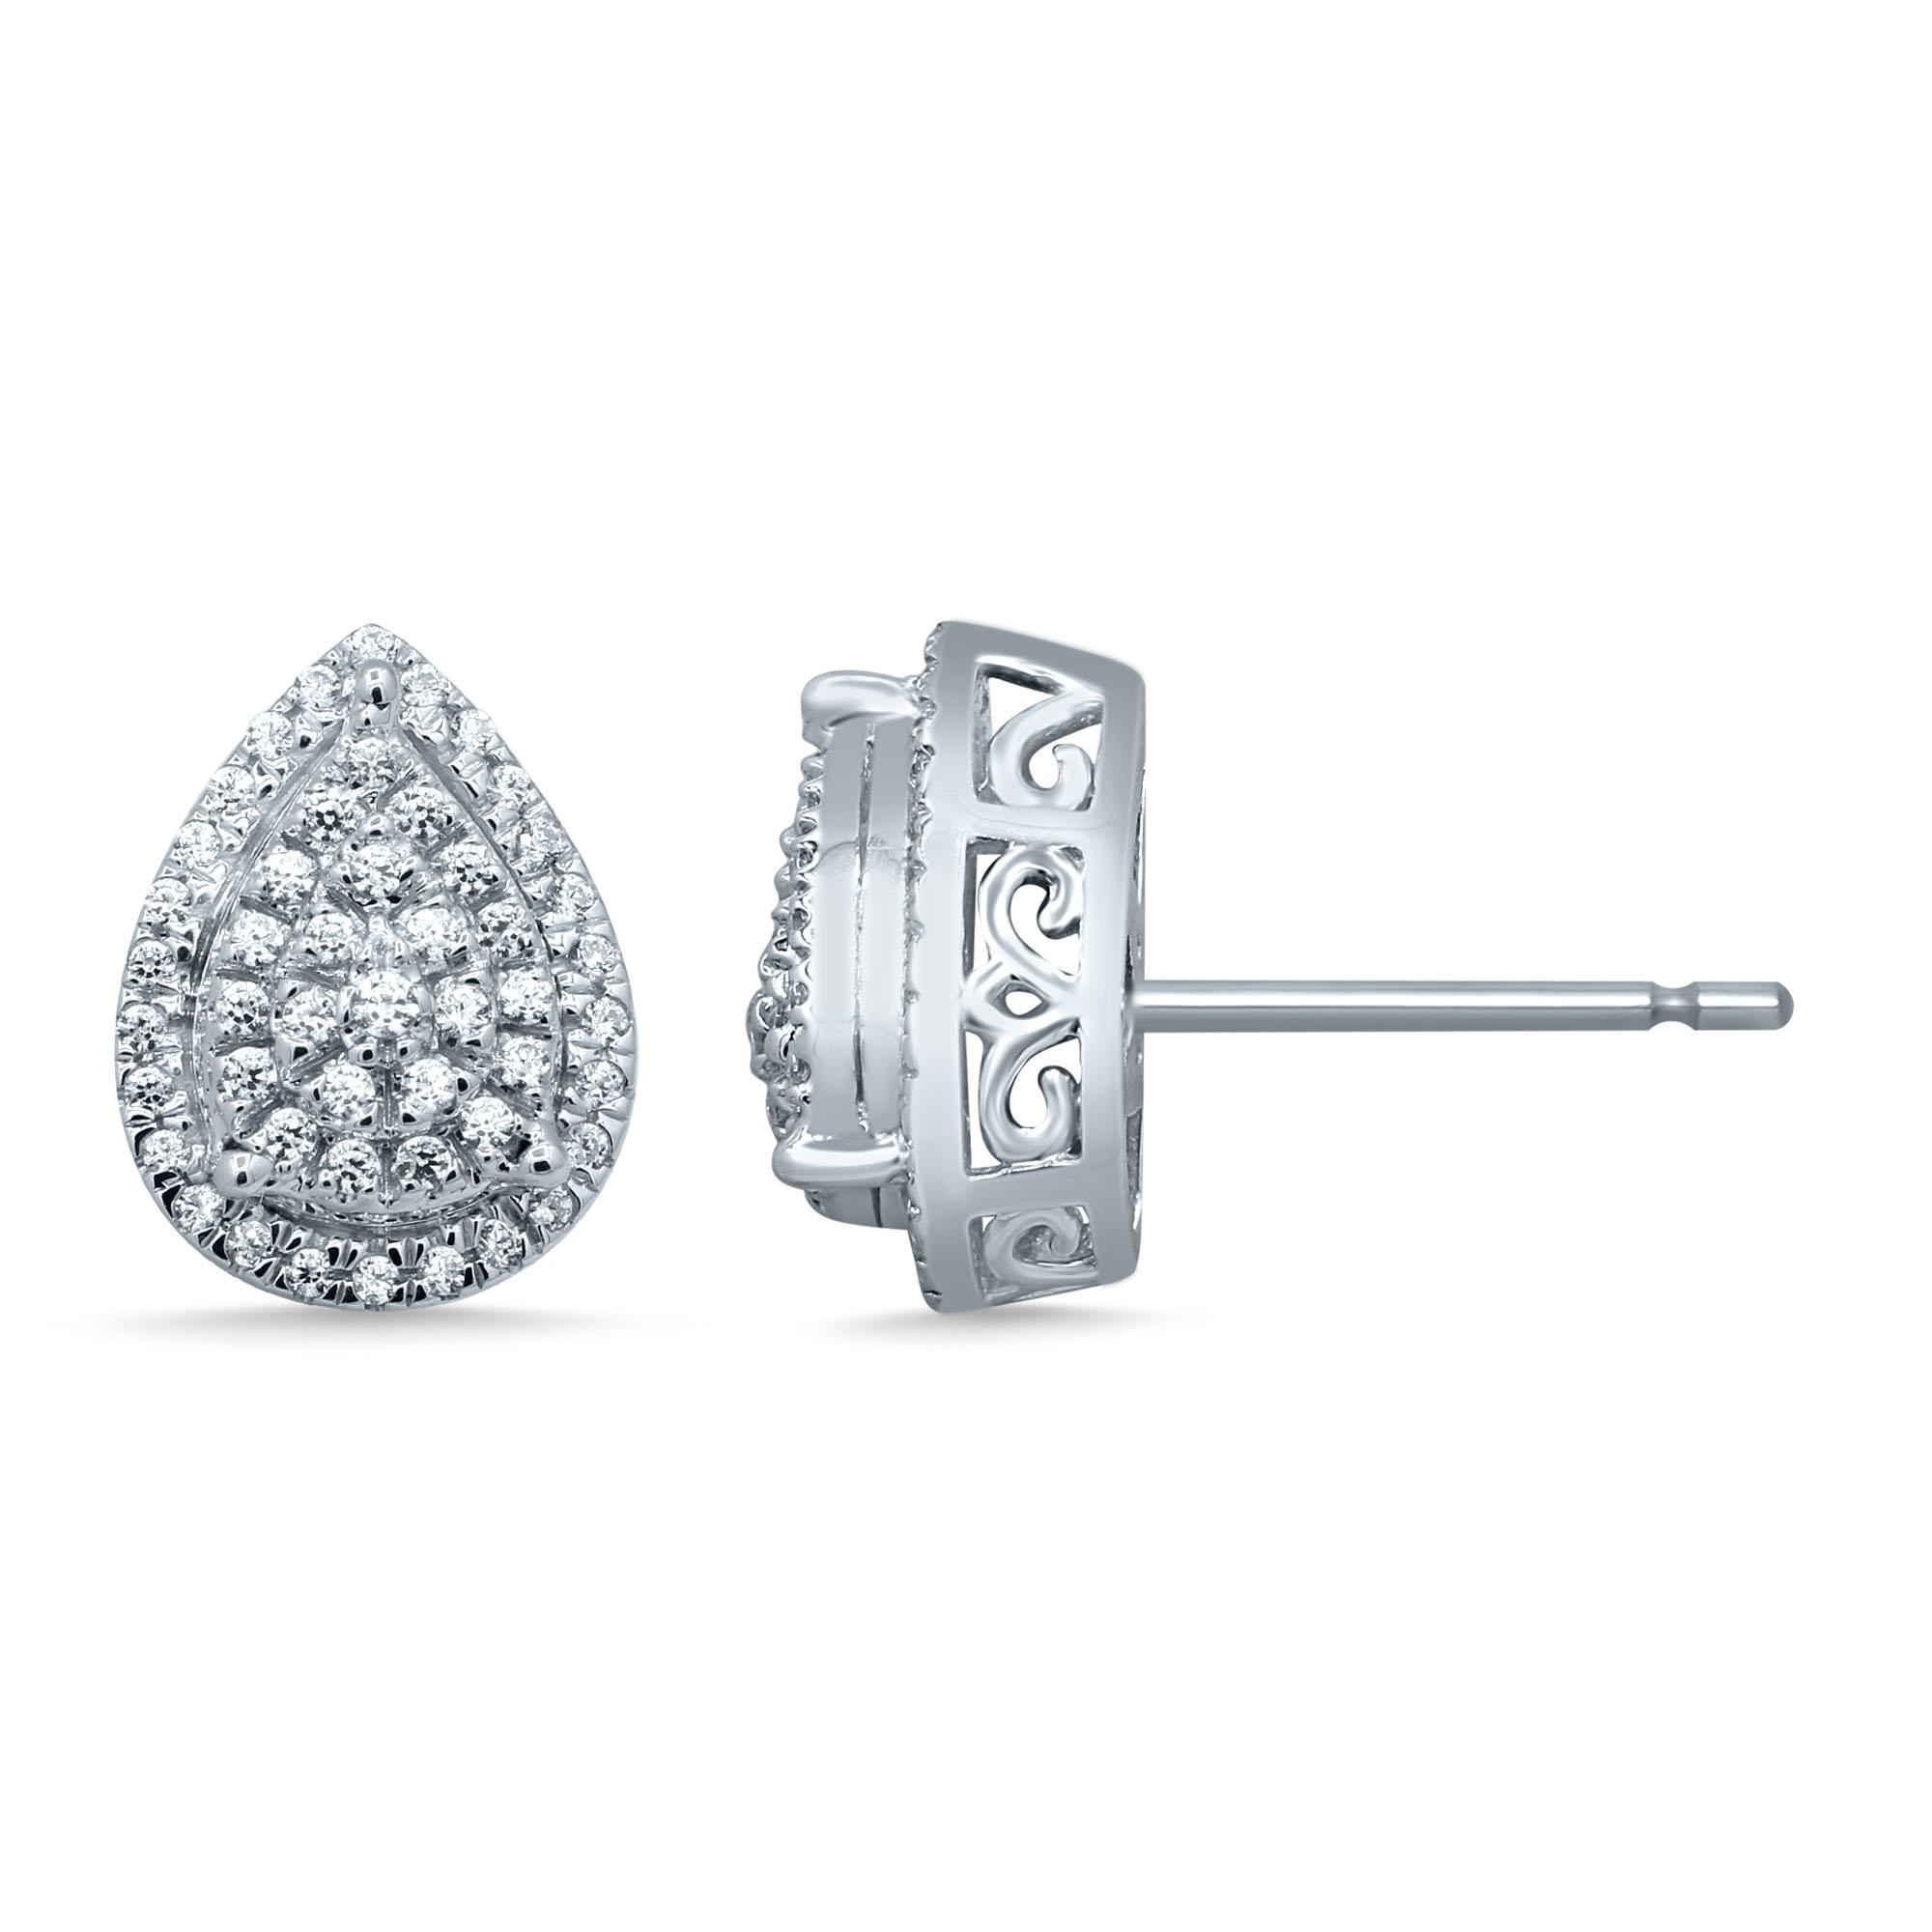 Sterling Silver 35 Points Pear Shap Stud Earrings